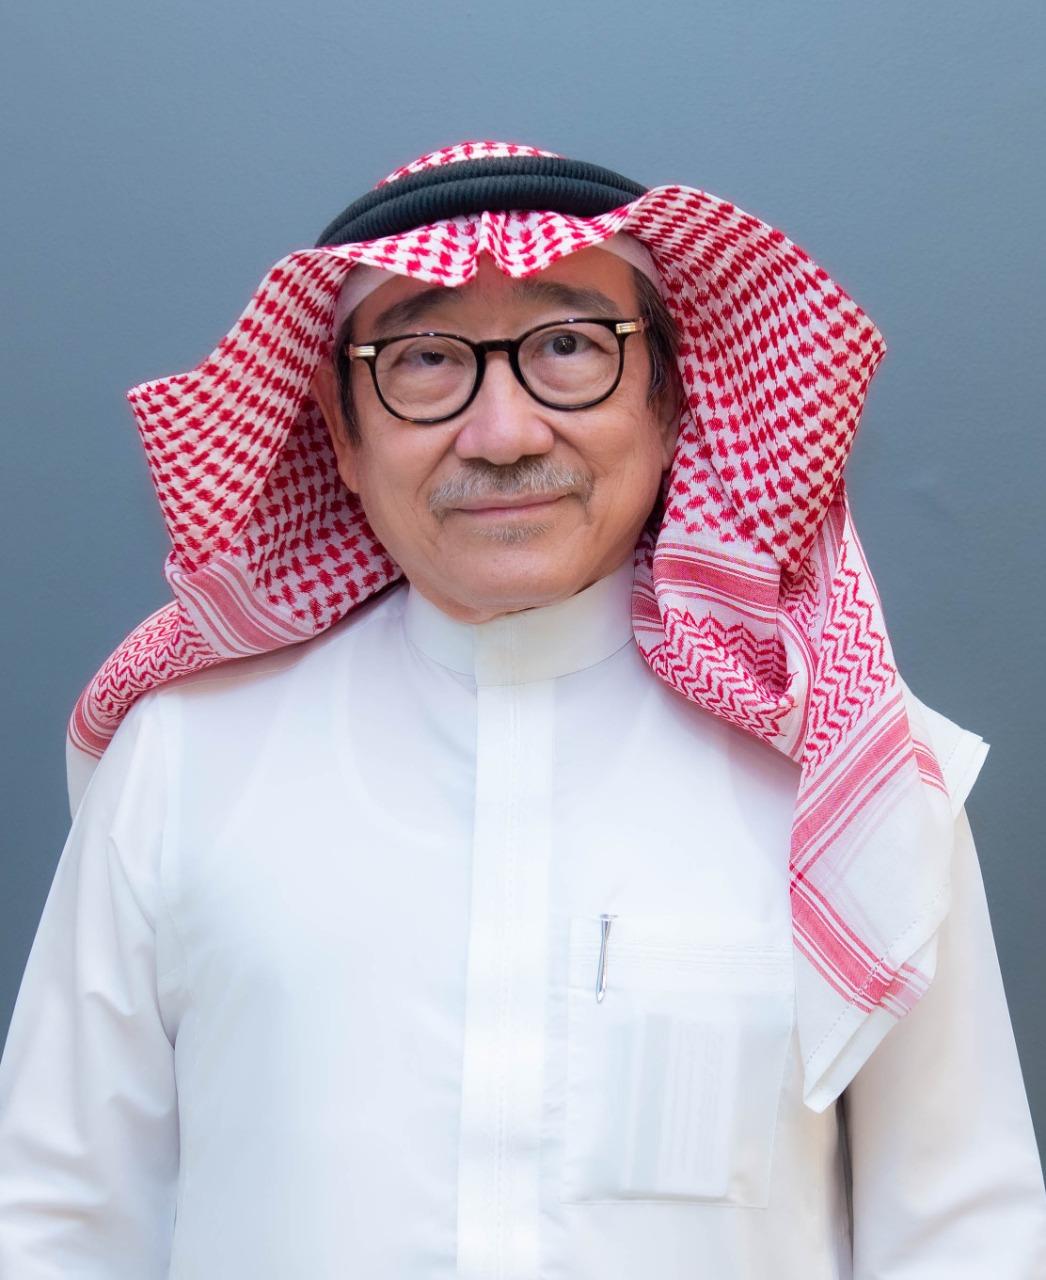 ندوة علمية لمستجدات علاج القدم السكري عربياً بمشاركة نخبة من أطباء السعودية ومصر